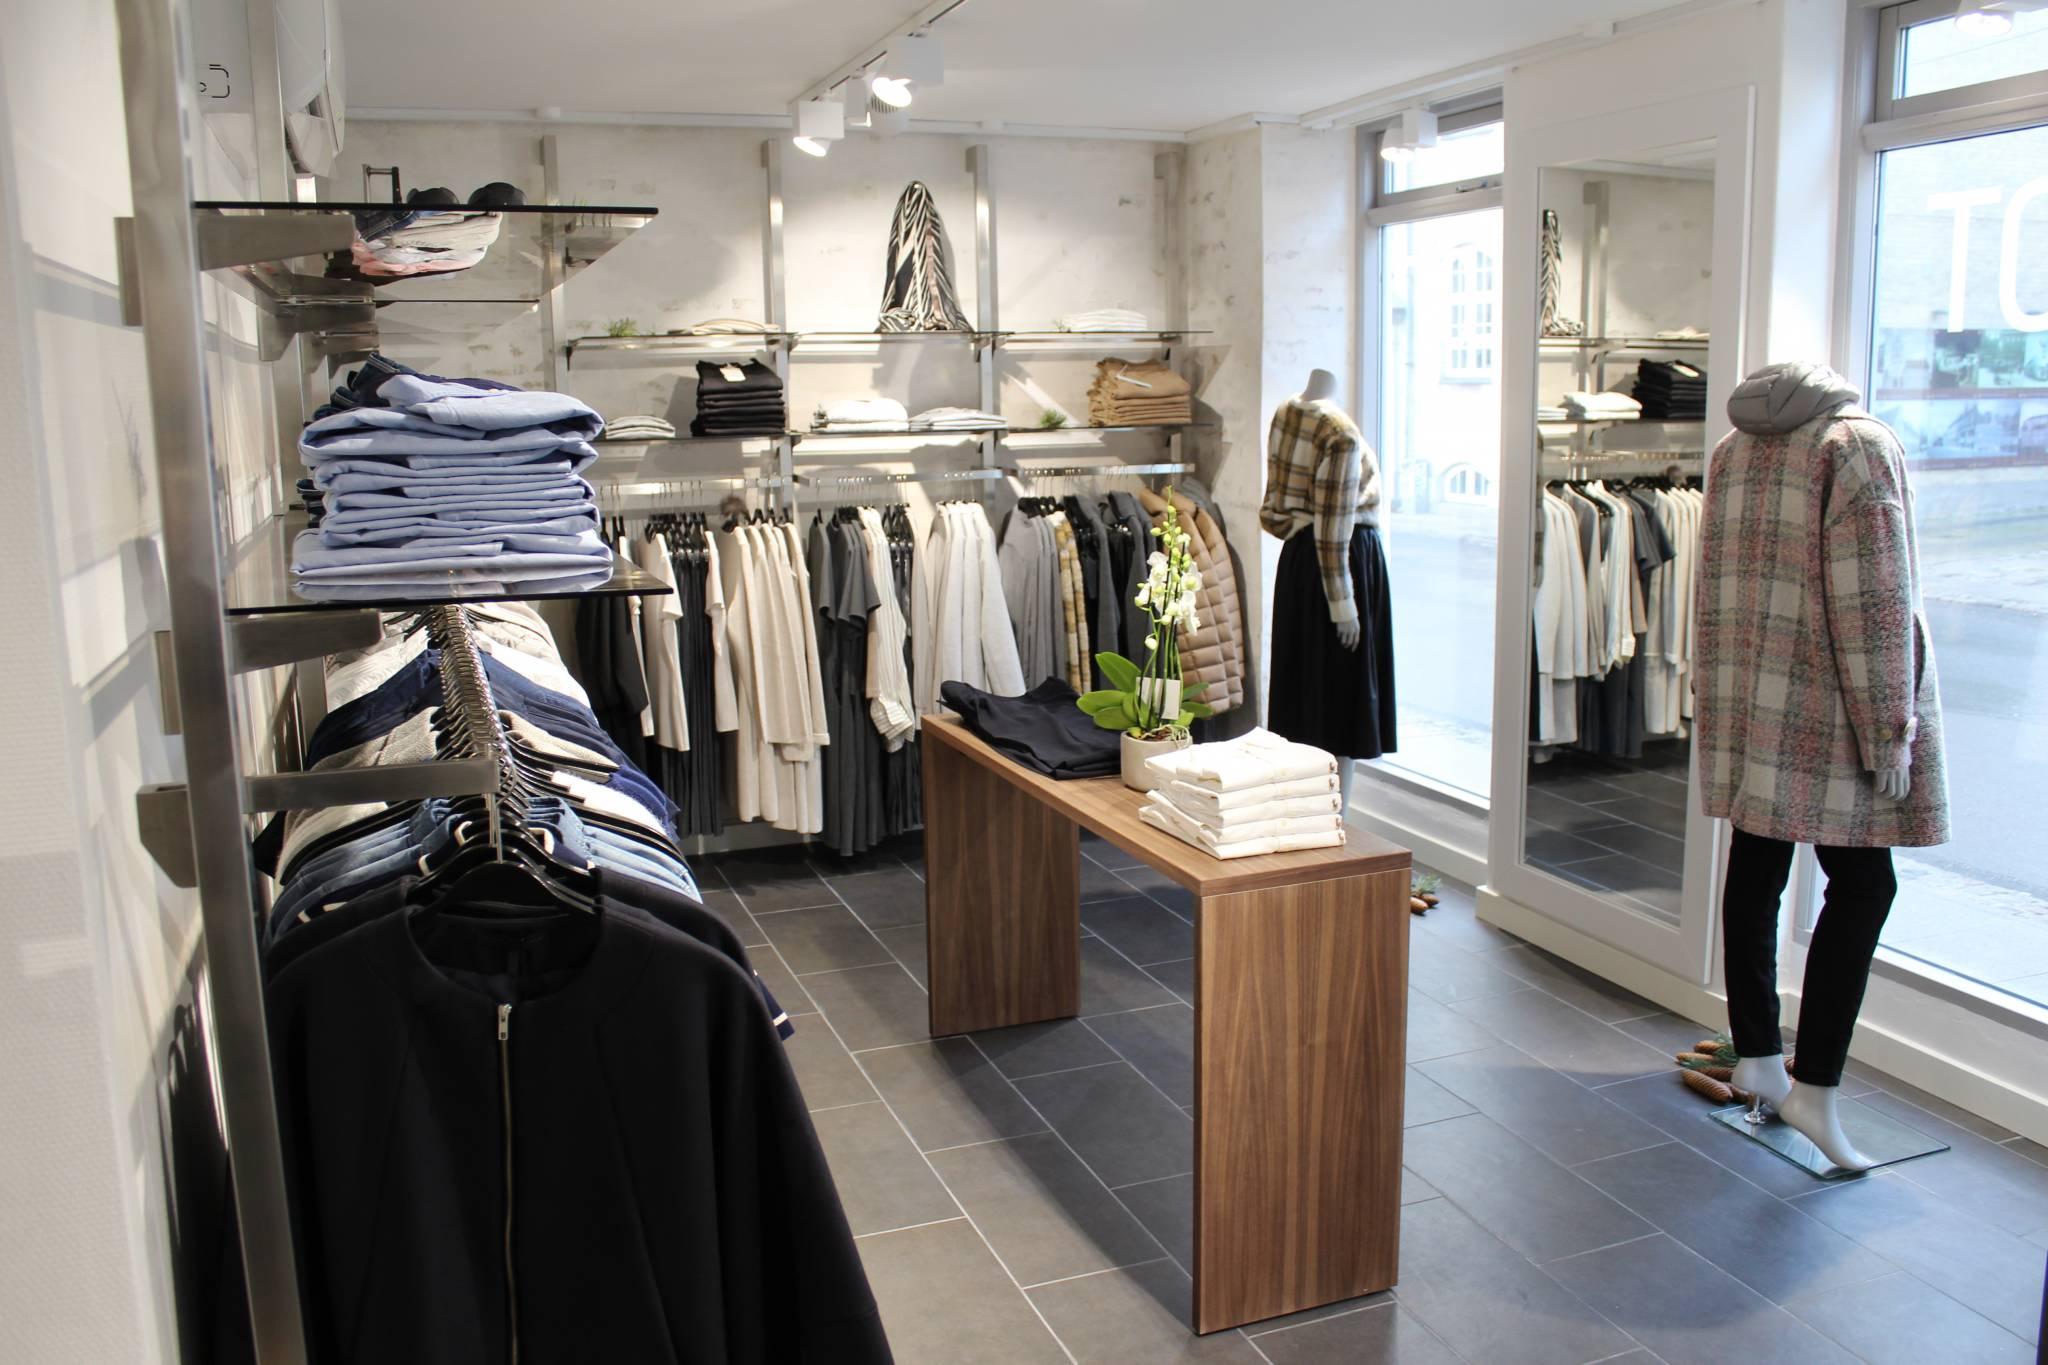 Butiksinventar med bl.a. flotte borde i Valnød og et flot og fleksibelt vægsystem. Væginventar og butiksindretning.